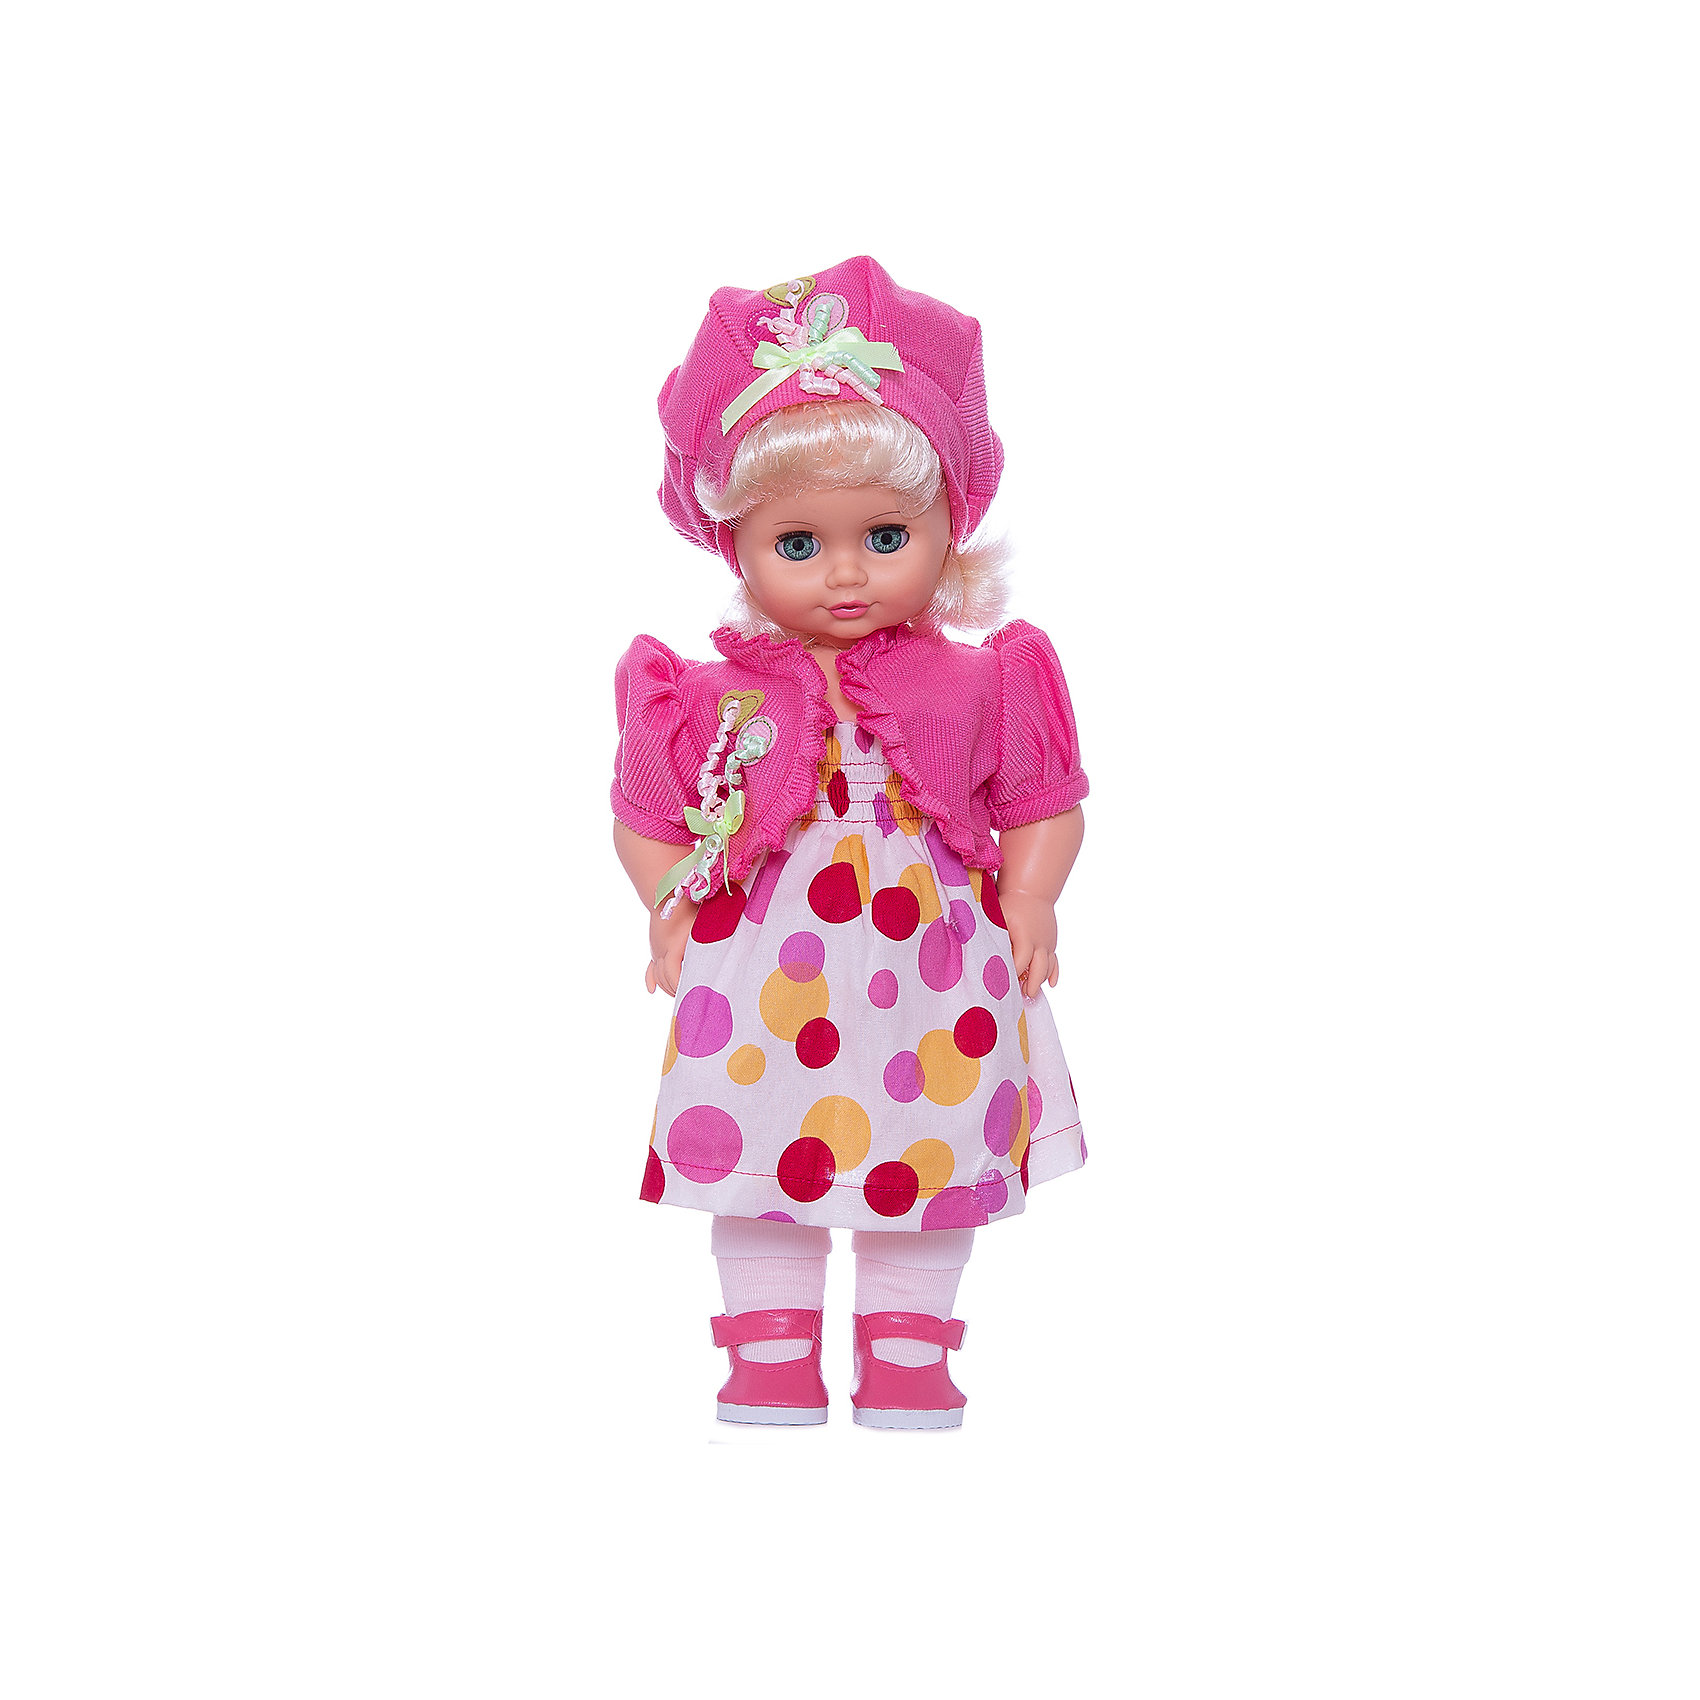 Кукла Инна 47, со звуком, ВеснаБренды кукол<br>Кукла для девочки - это не только игрушка, с которой можно весело провести время, кукла - это возможность отрабатывать навыки поведения в обществе, учиться заботе о других, делать прически и одеваться согласно моде и поводу.<br>Эта красивая классическая кукла не только эффектно выглядит, она дополнена звуковым модулем! Игрушка модно одета и снабжена аксессуарами. Такая кукла запросто может стать самой любимой игрушкой! Произведена из безопасных для ребенка и качественных материалов.<br><br>Дополнительная информация:<br><br>цвет: разноцветный;<br>материал: пластик, текстиль;<br>комплектация: кукла, одежда, аксессуары;<br>высота: 43 см.<br><br>Куклу Инна 47 со звуком от компании Весна можно купить в нашем магазине.<br><br>Ширина мм: 430<br>Глубина мм: 240<br>Высота мм: 430<br>Вес г: 810<br>Возраст от месяцев: 36<br>Возраст до месяцев: 120<br>Пол: Женский<br>Возраст: Детский<br>SKU: 4642031